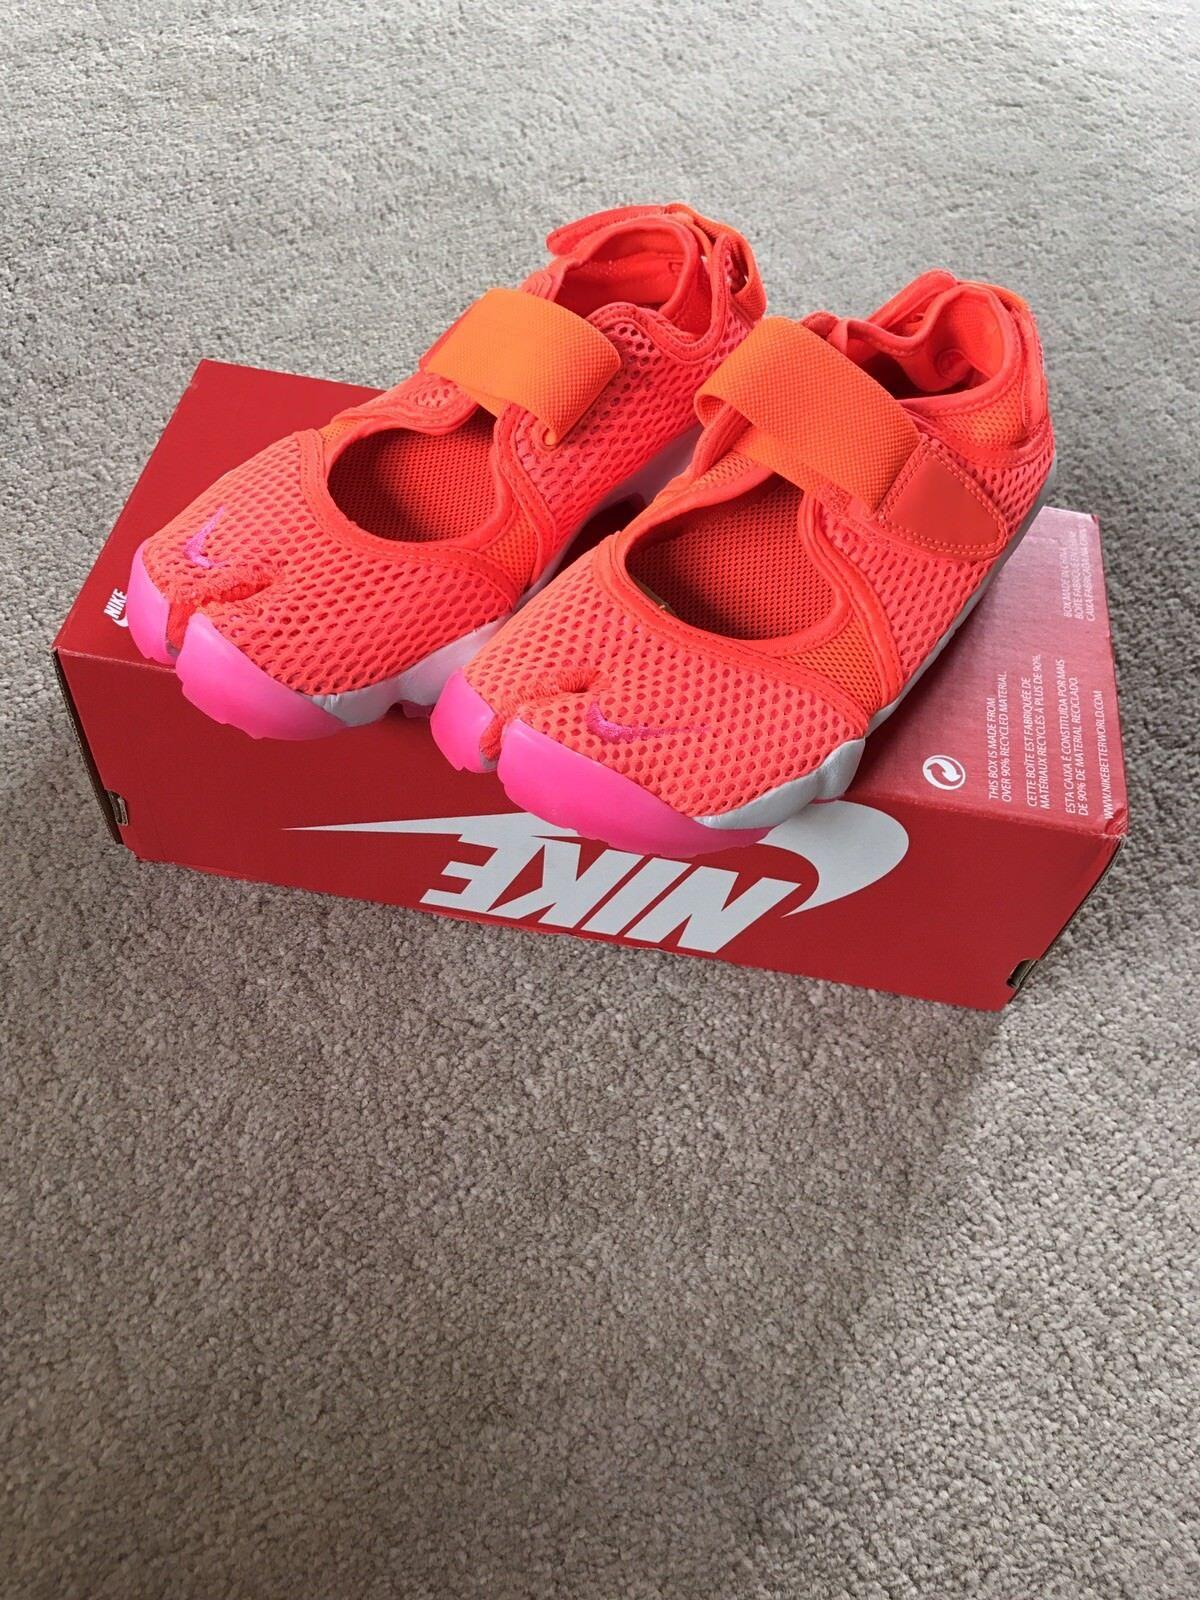 Zapatillas Para Rift Mujer Nike Air Rift Para BR, a estrenar, ffeaf6